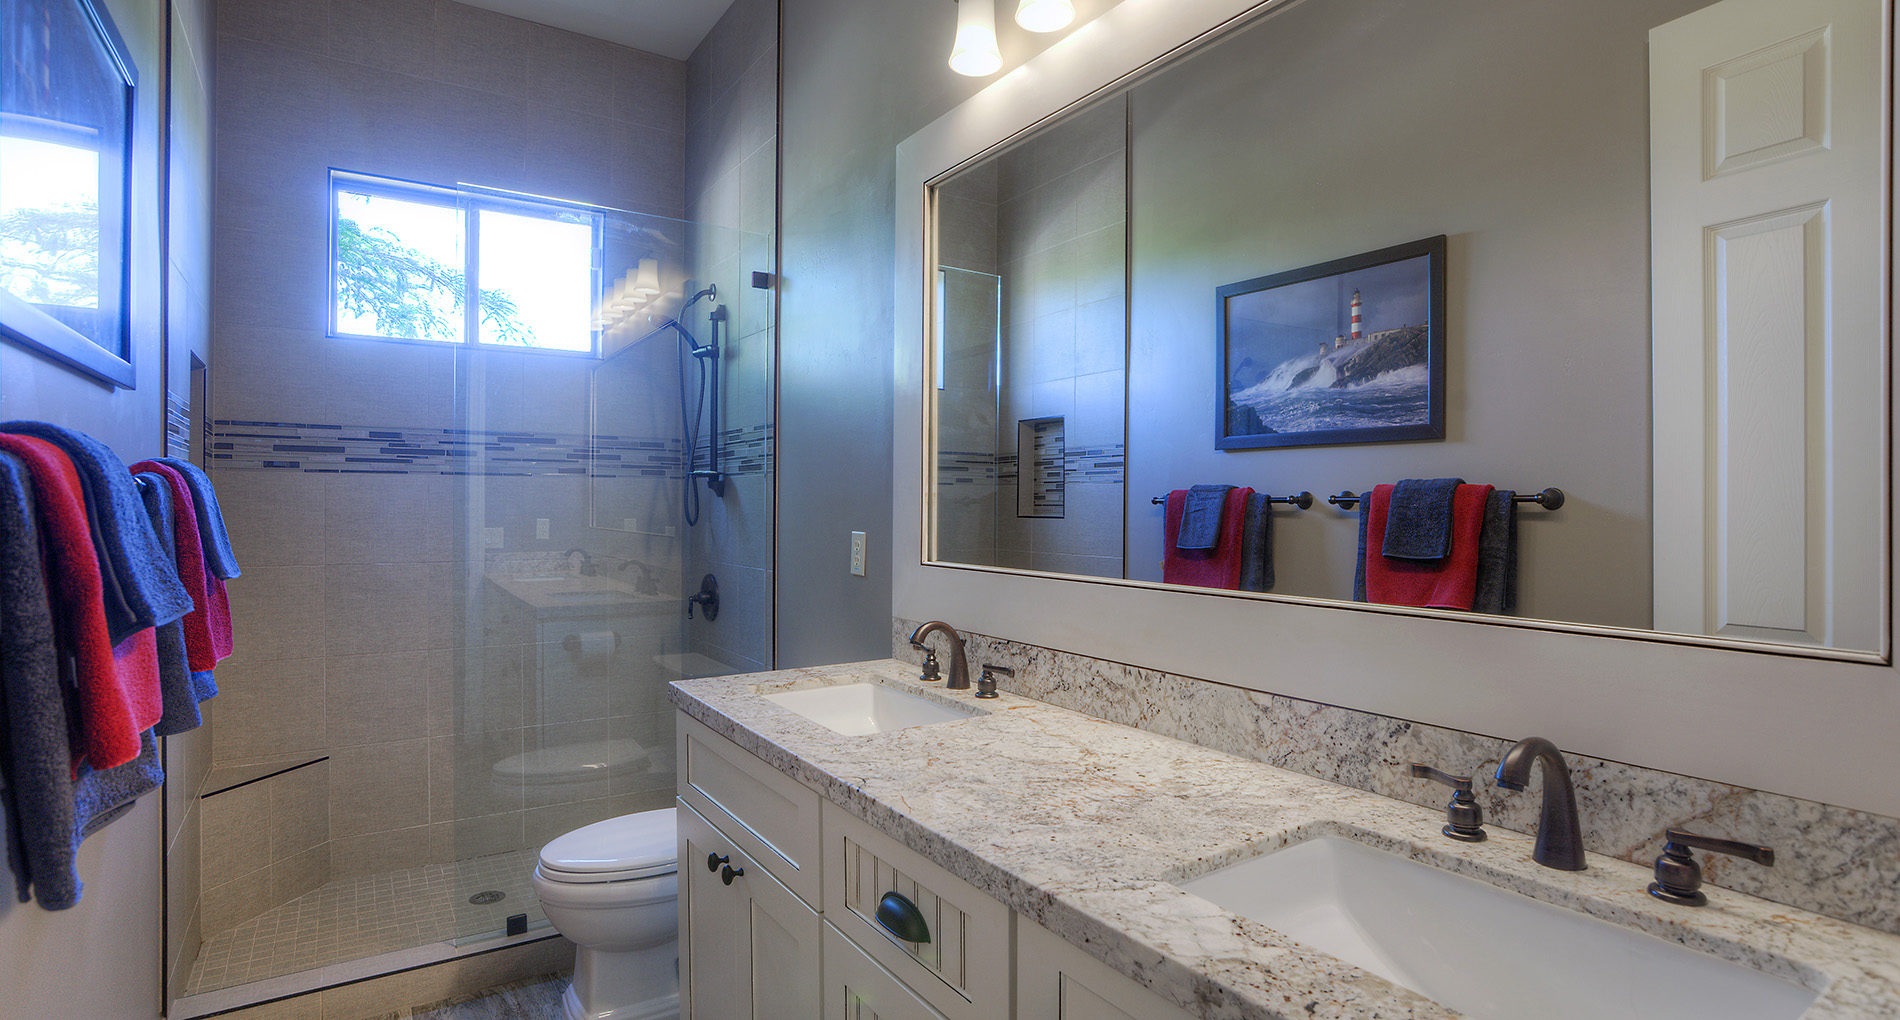 Bathroom Remodeling & Design in Scottsdale | Alair Homes ...